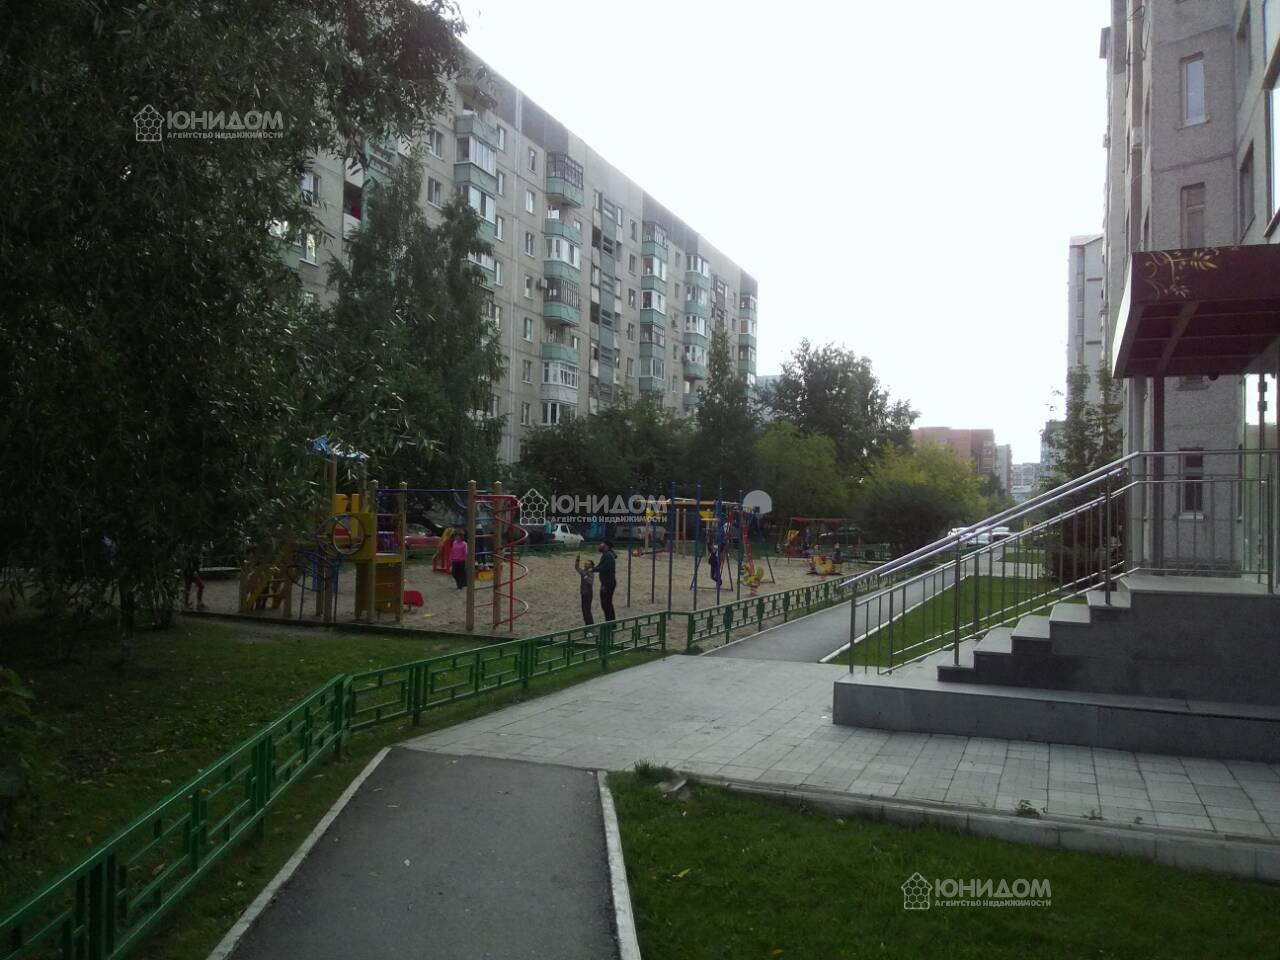 Продам инд по адресу Россия, Тюменская область, Тюмень, 30 лет Победы, 148 к3 фото 1 по выгодной цене